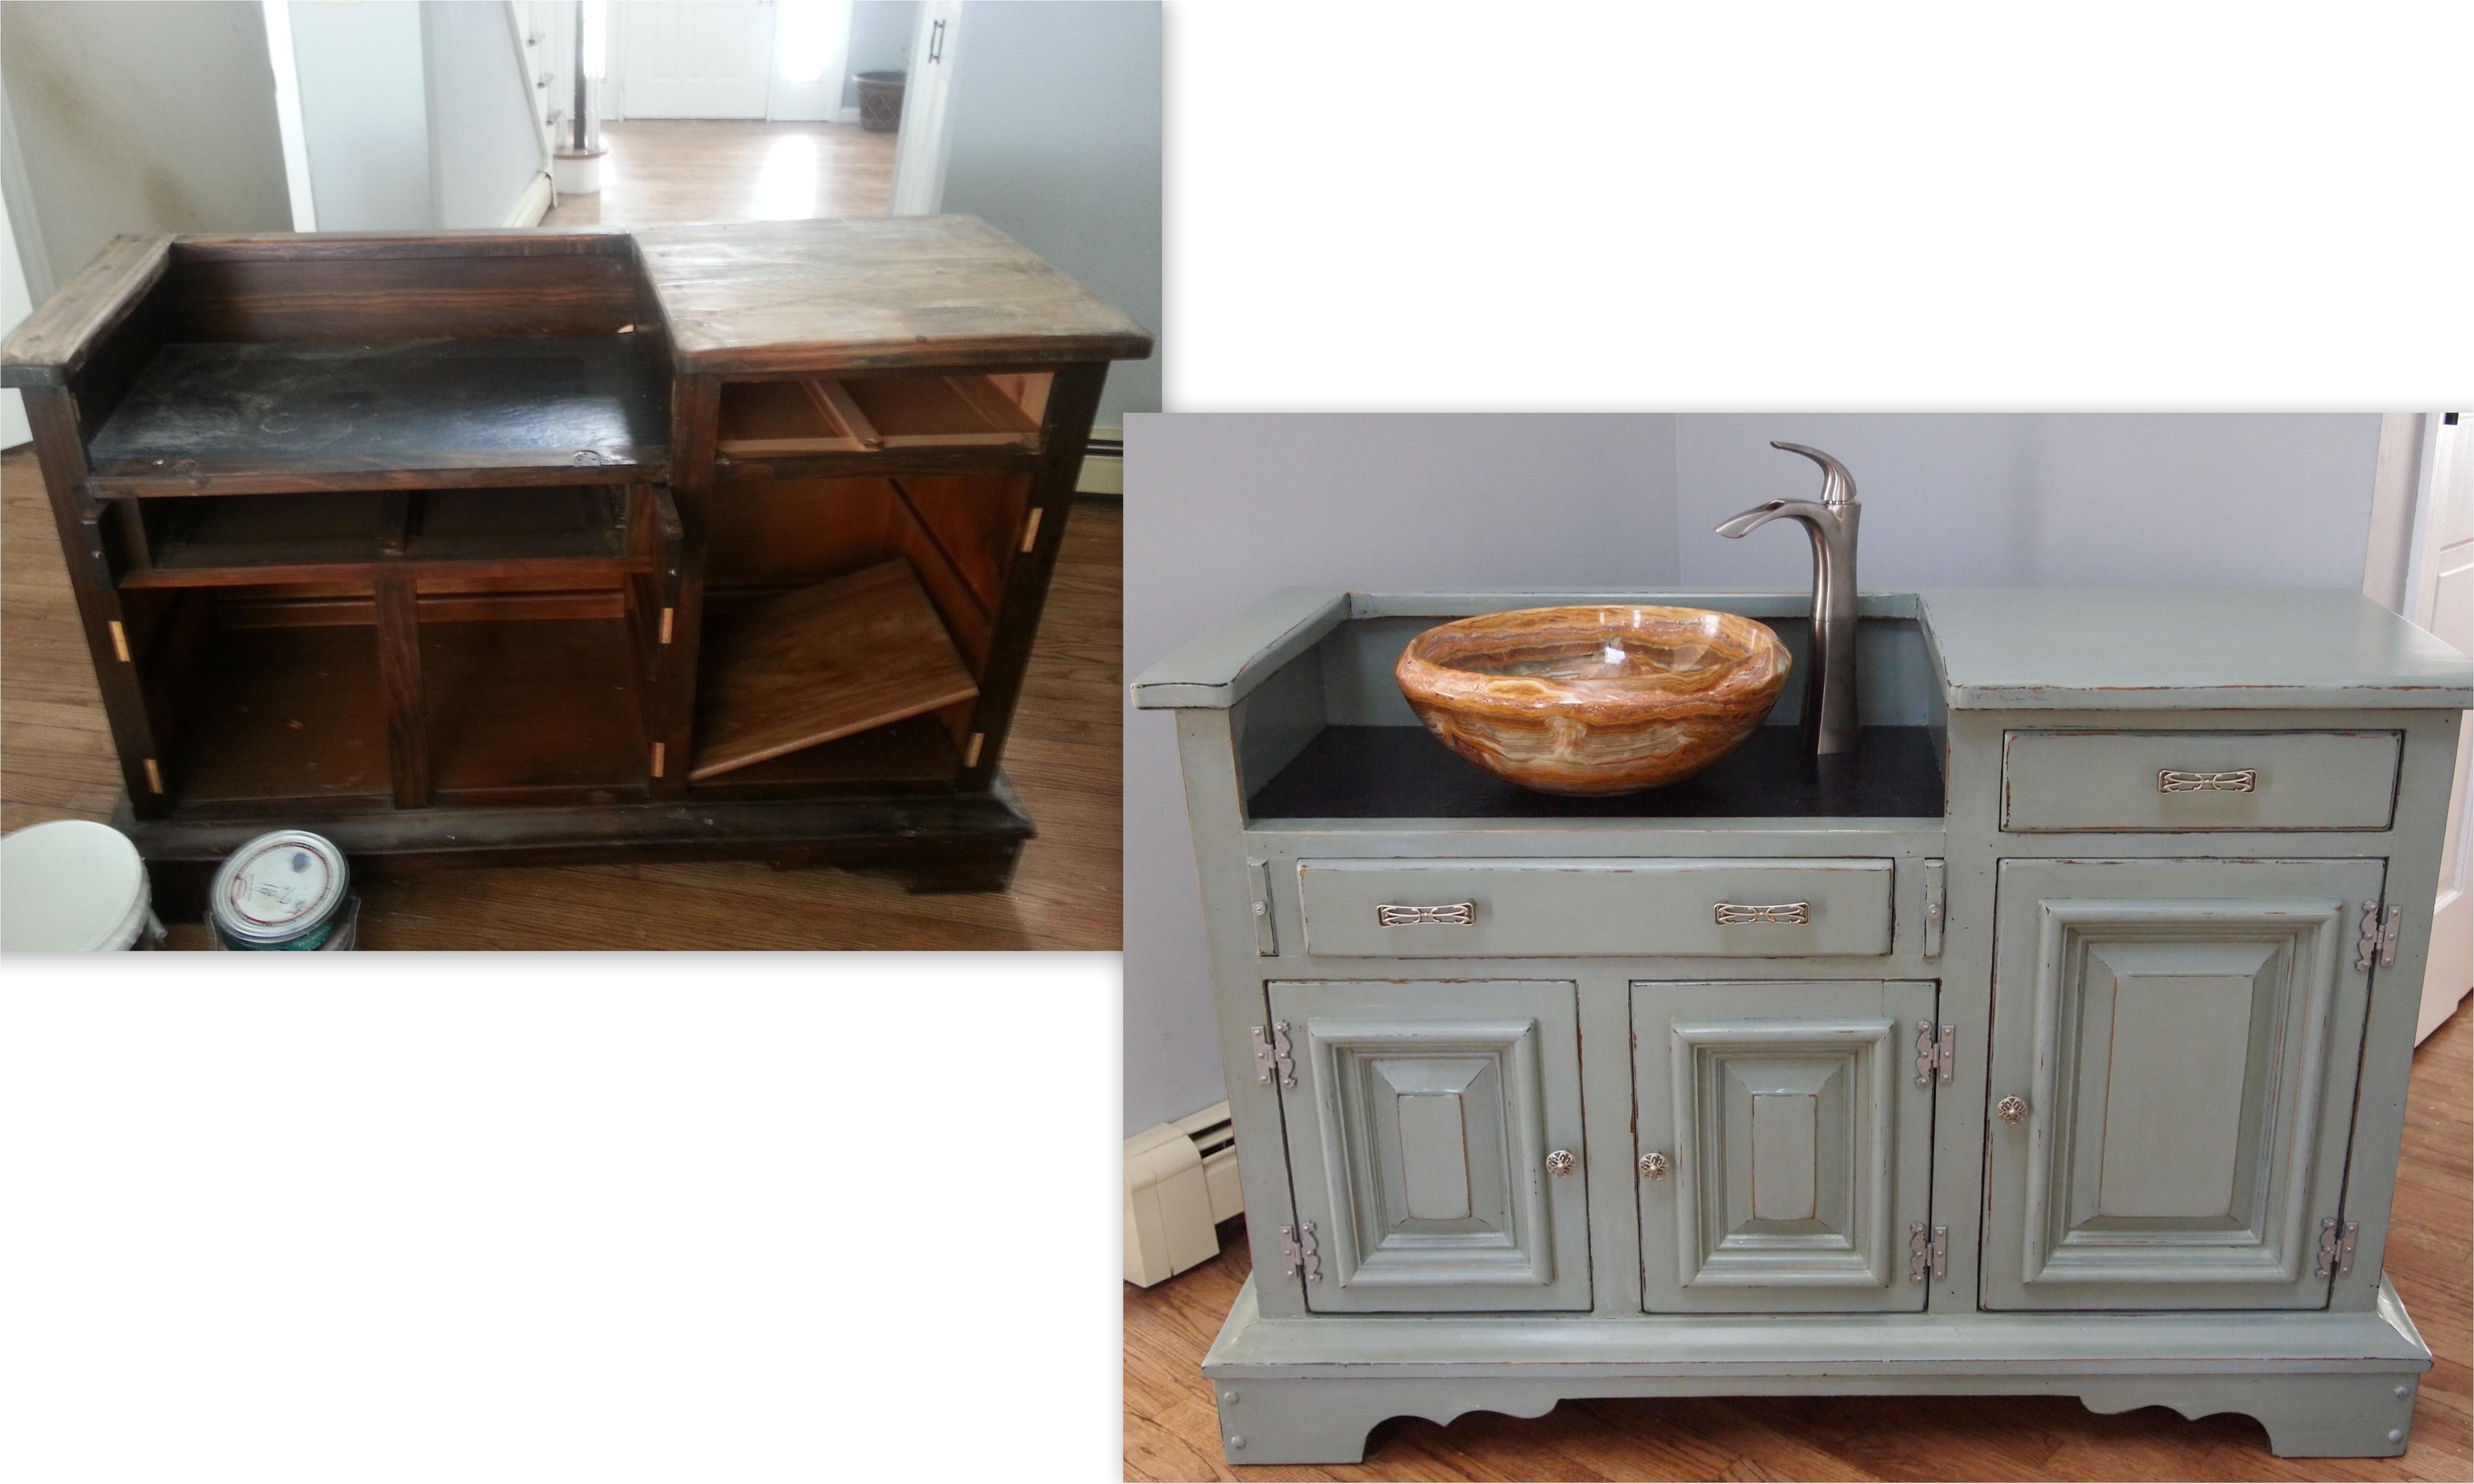 diy vanity ideas luxury diy vanity bench elegant h sink diy vessel vanity vanityi 0d cool